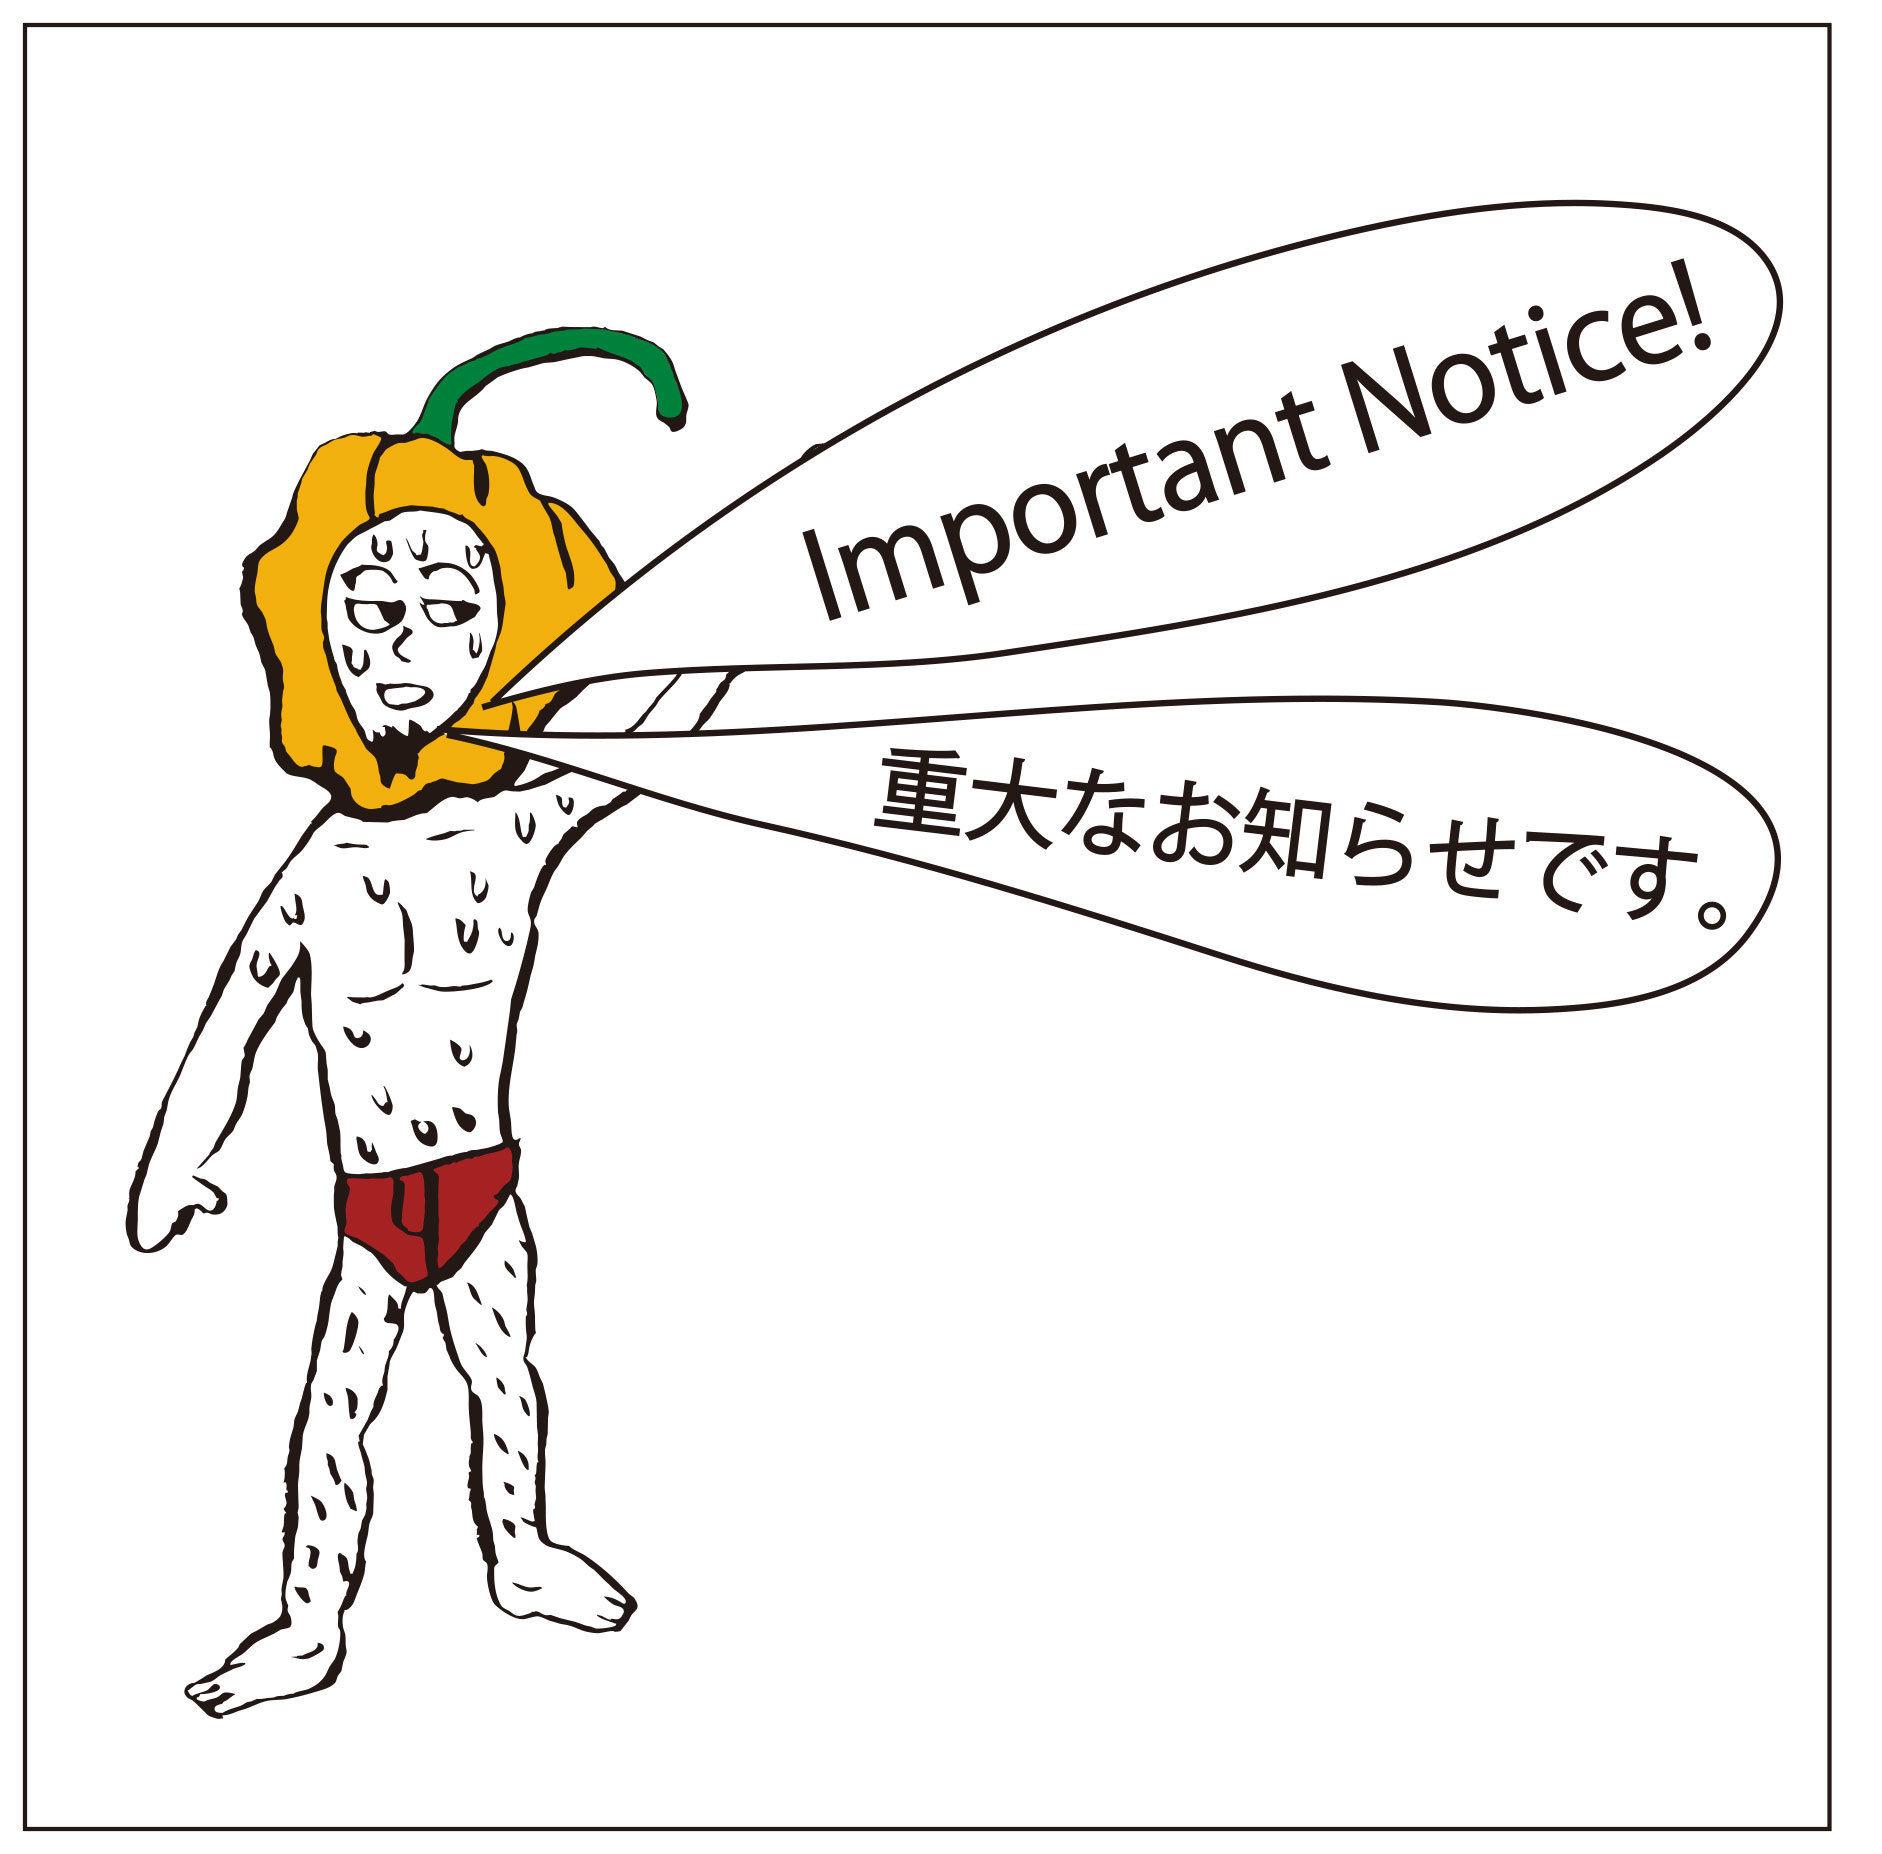 お知らせ / Notice